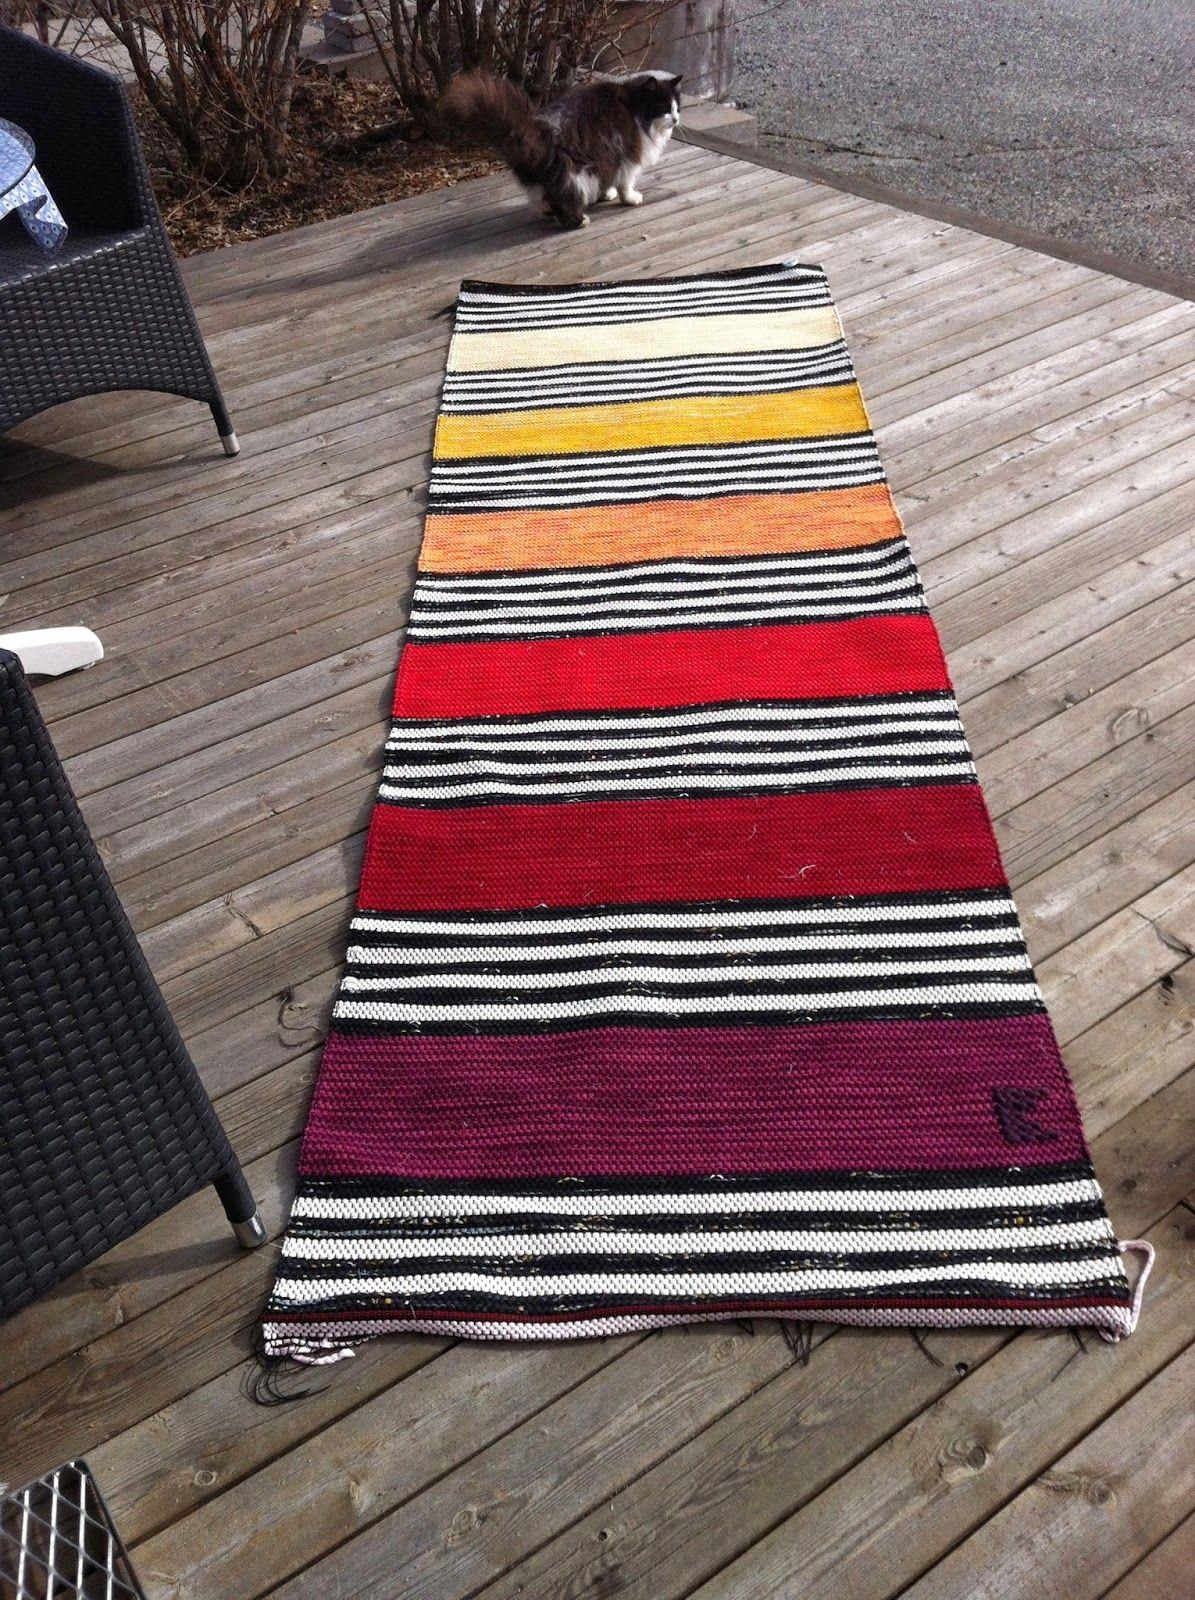 Rag Rug By Kristina Walsten Weaving Art Loom Hand Designs